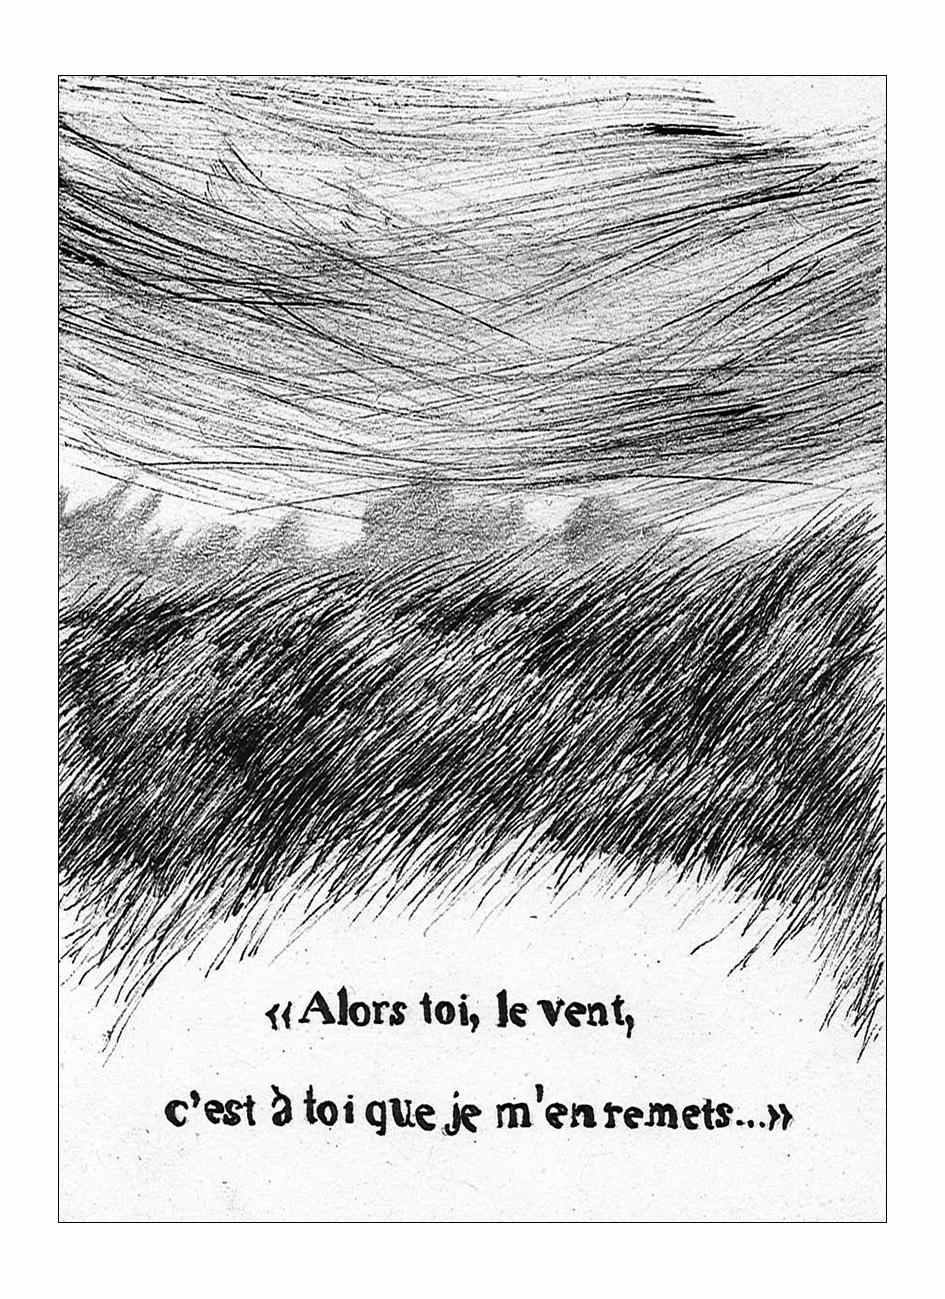 l'amour et le renard - aymeric hainaux - 2014 - 06